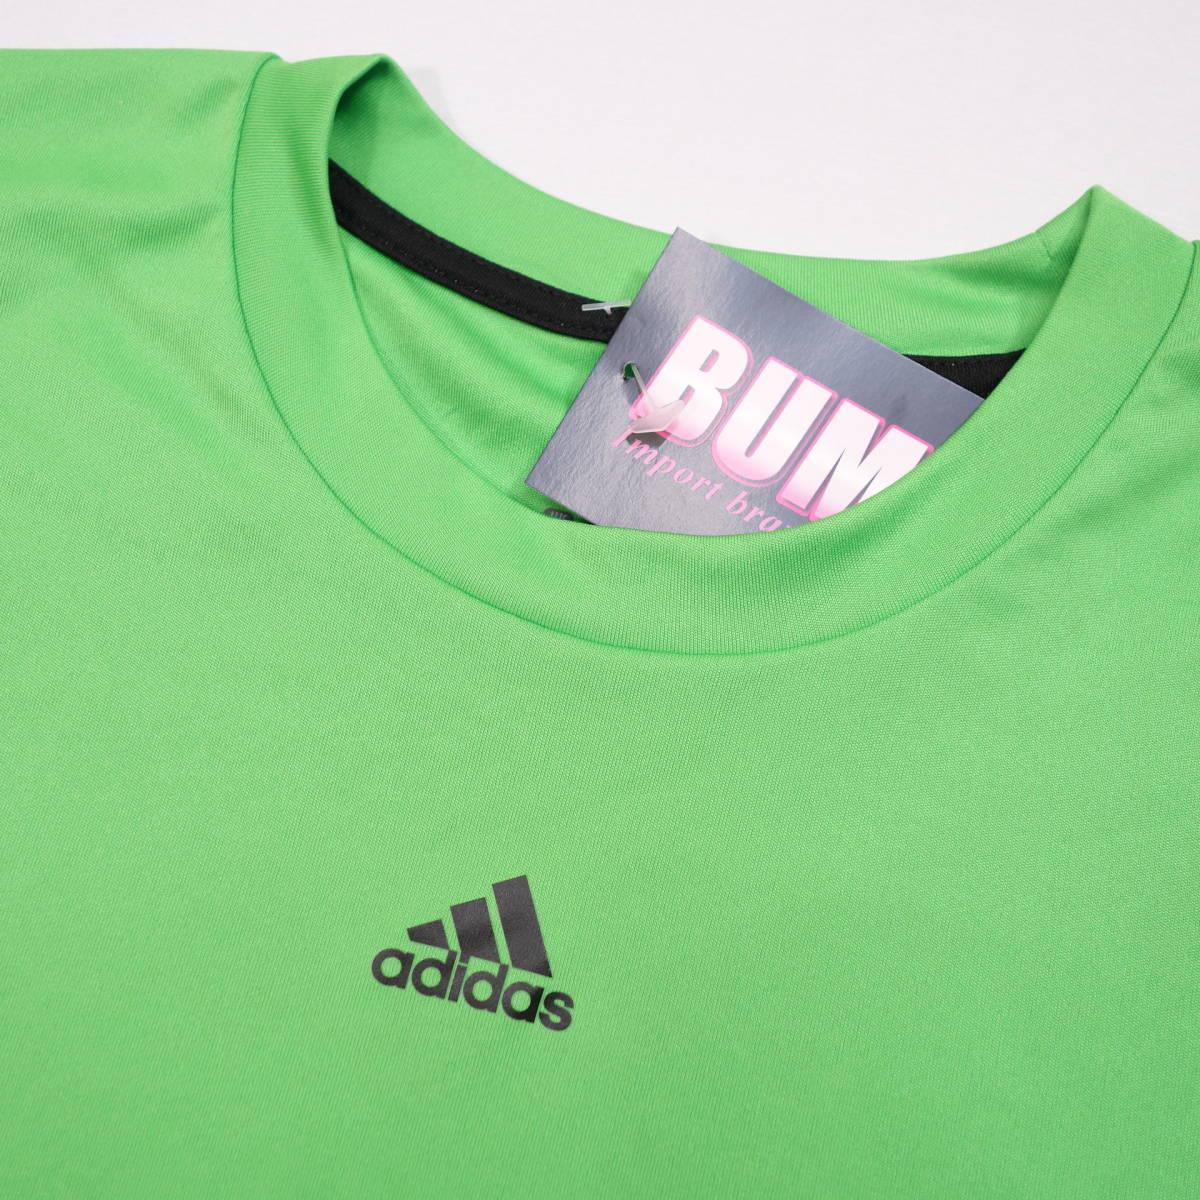 アディダス adidas Tシャツ 半袖 メンズ M クルーネック ワンポイントロゴ 三本ライン スポーツ カジュアル USA直輸入 古着 MAD-1-1-0037_画像4